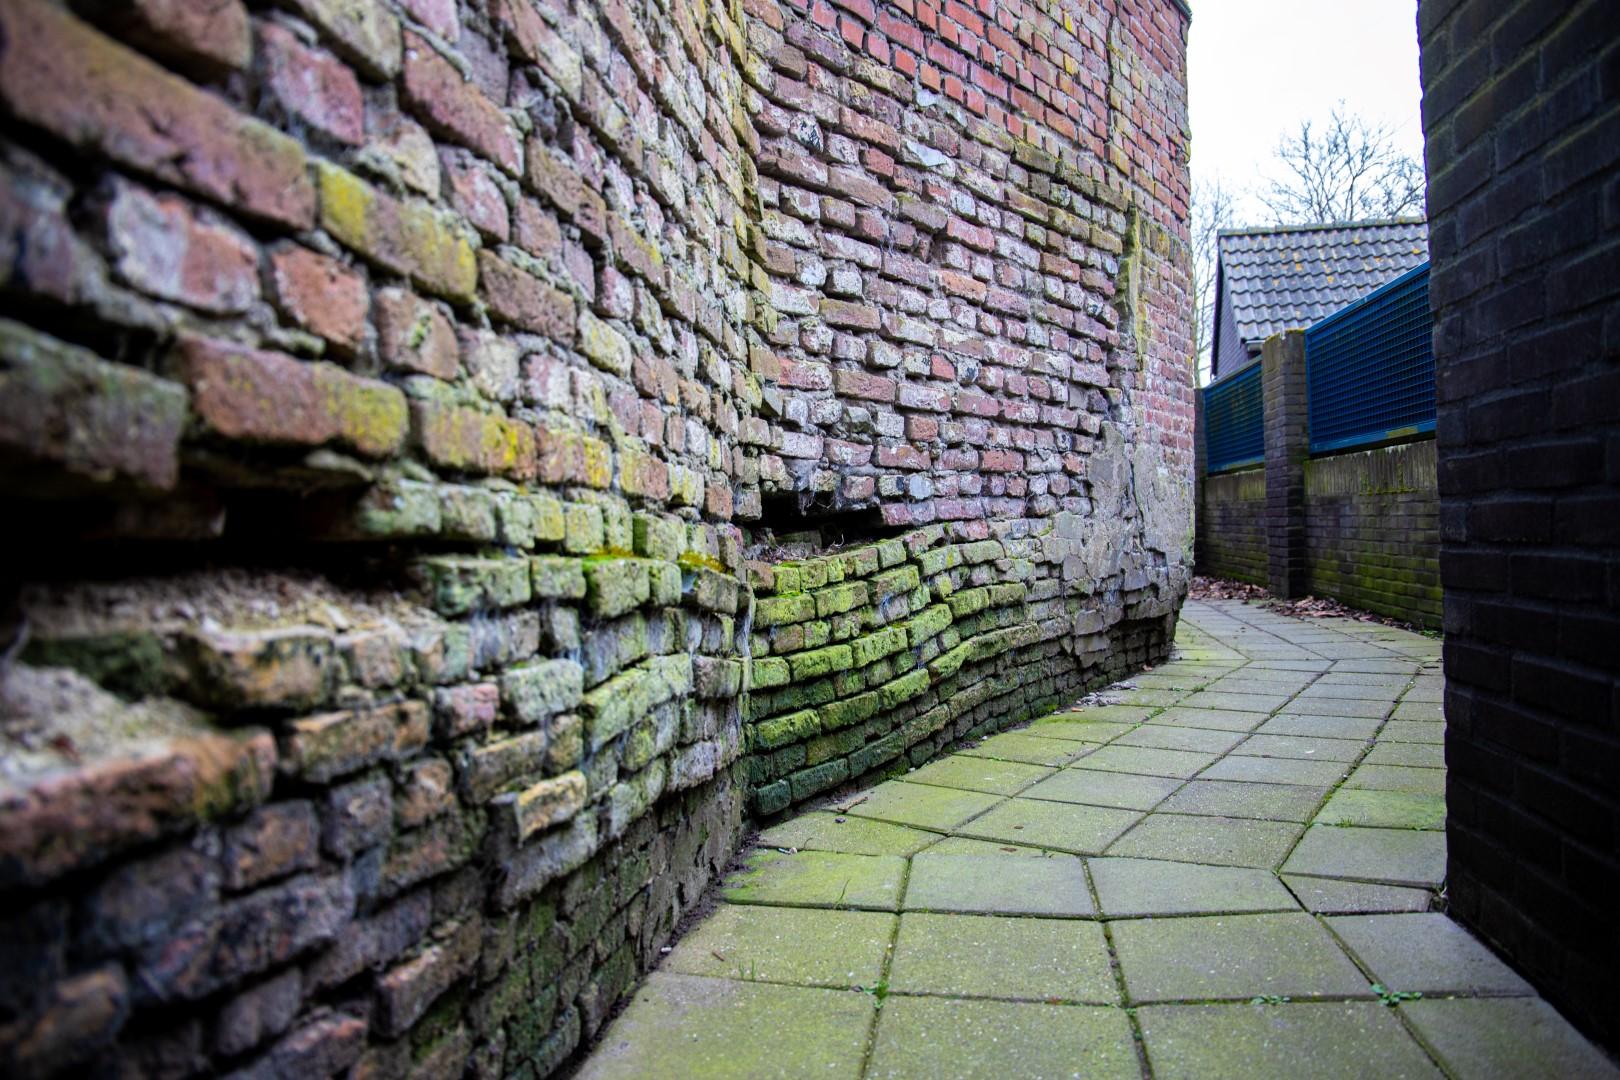 watermolenpad zuidzijde haven aan de zoutketen steeg steegje raad de straat vervallen stenen bakstenen ingezakt